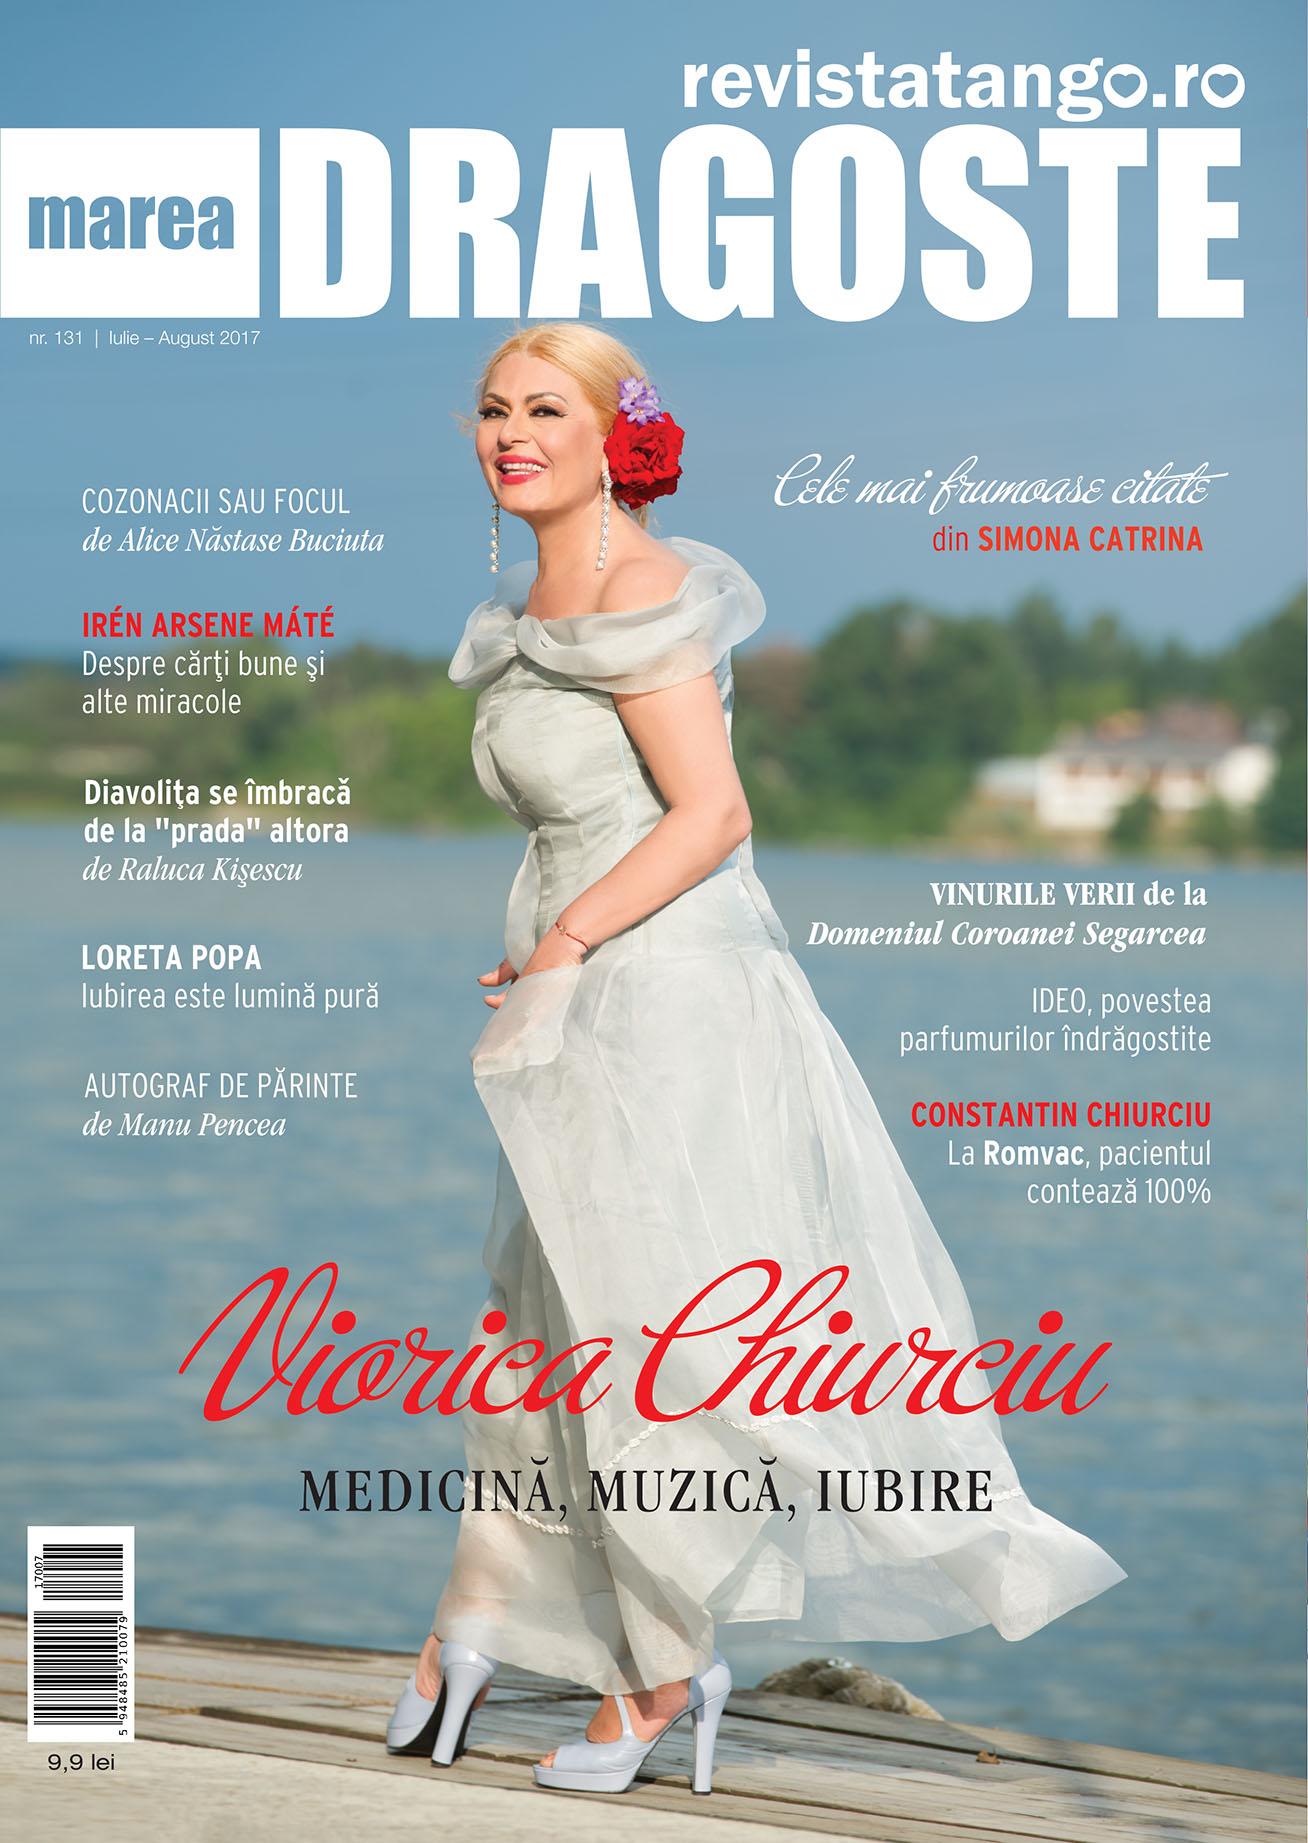 Viorica Chiurciu pe coperta Marea Dragoste-revistatango.ro, nr. 131, iulie - august 2017